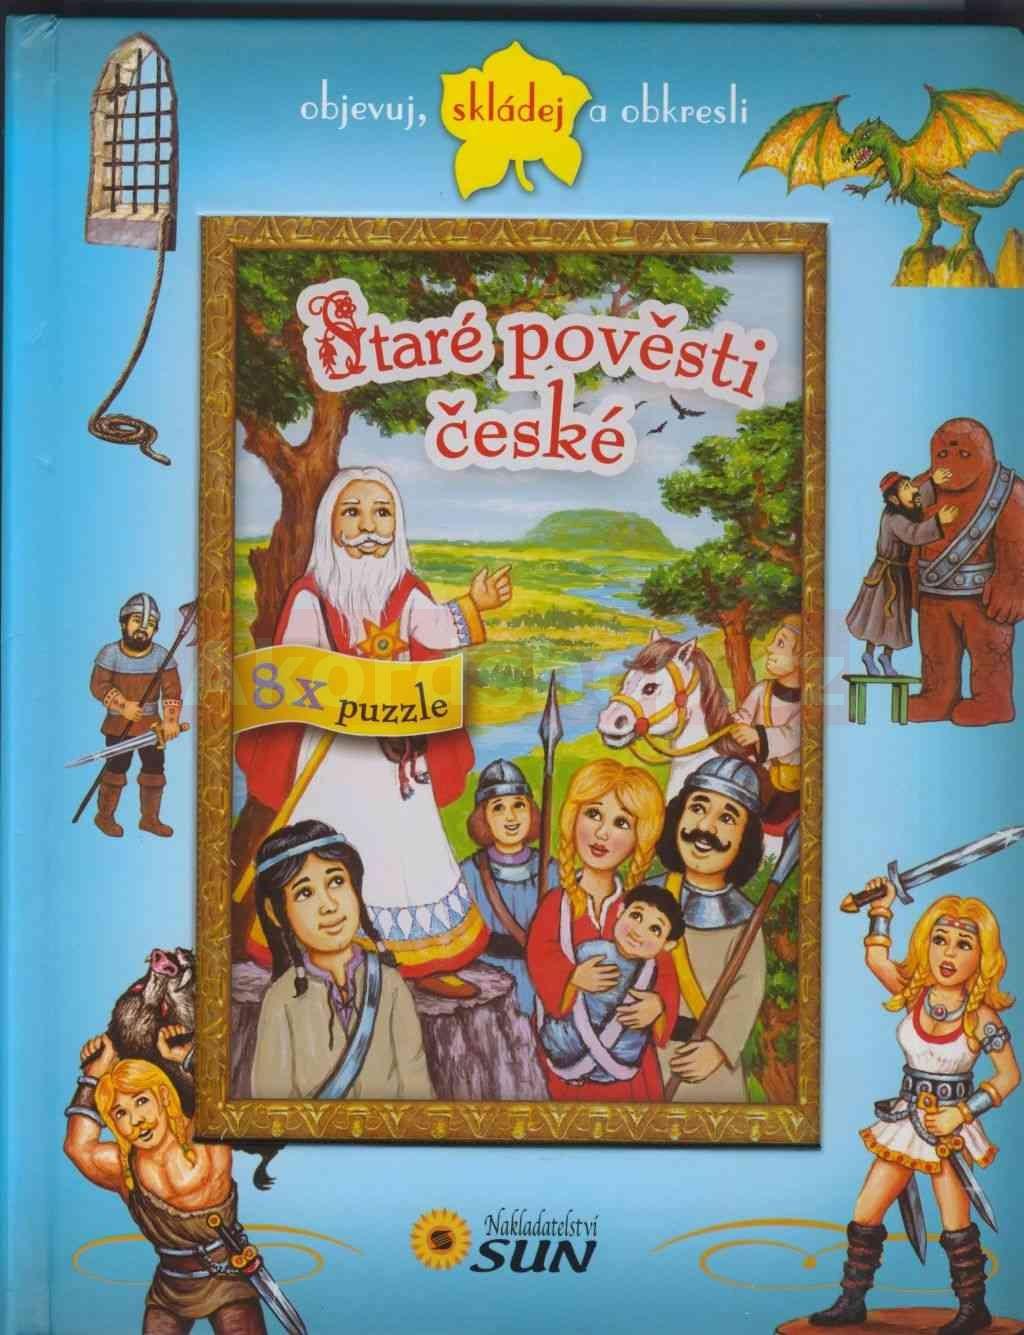 Staré pověsti české 8x puzzle